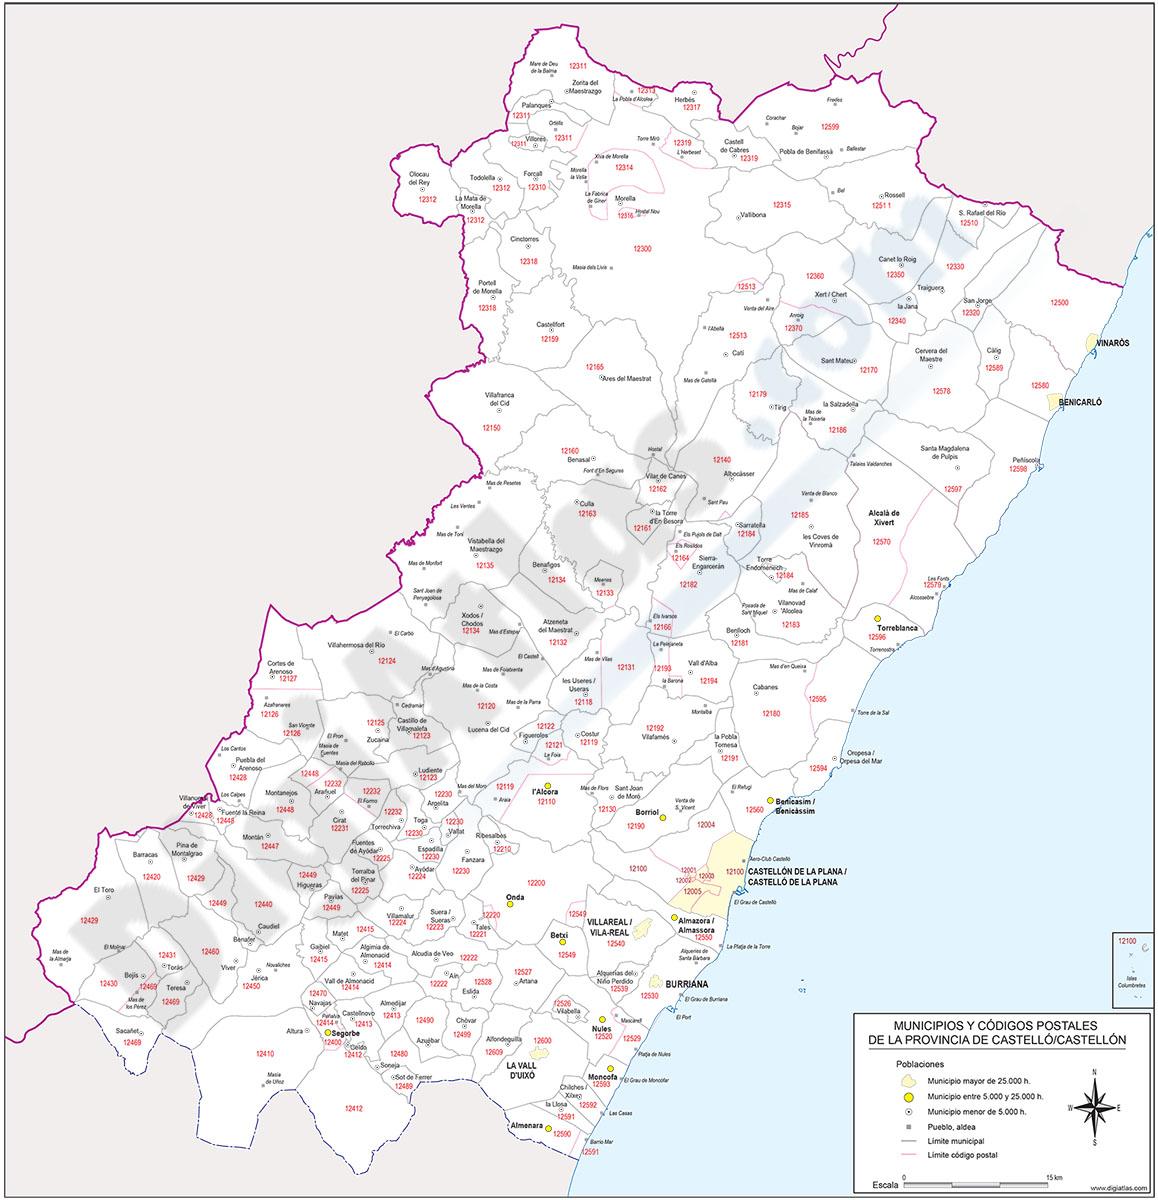 Castellón - mapa provincial con municipios y Códigos Postales